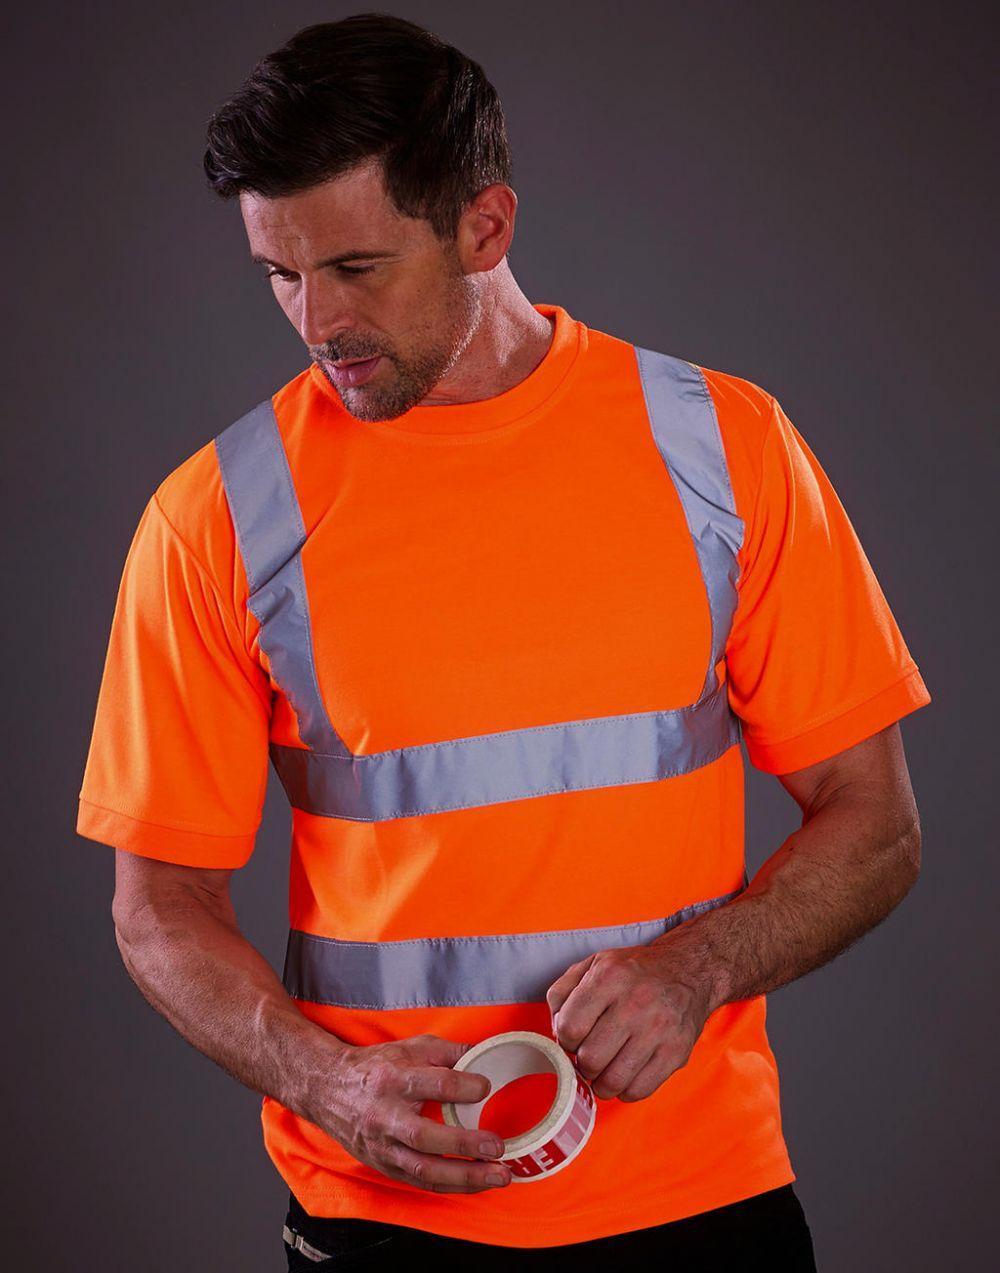 Camisetas reflectante yoko fluo vista 1